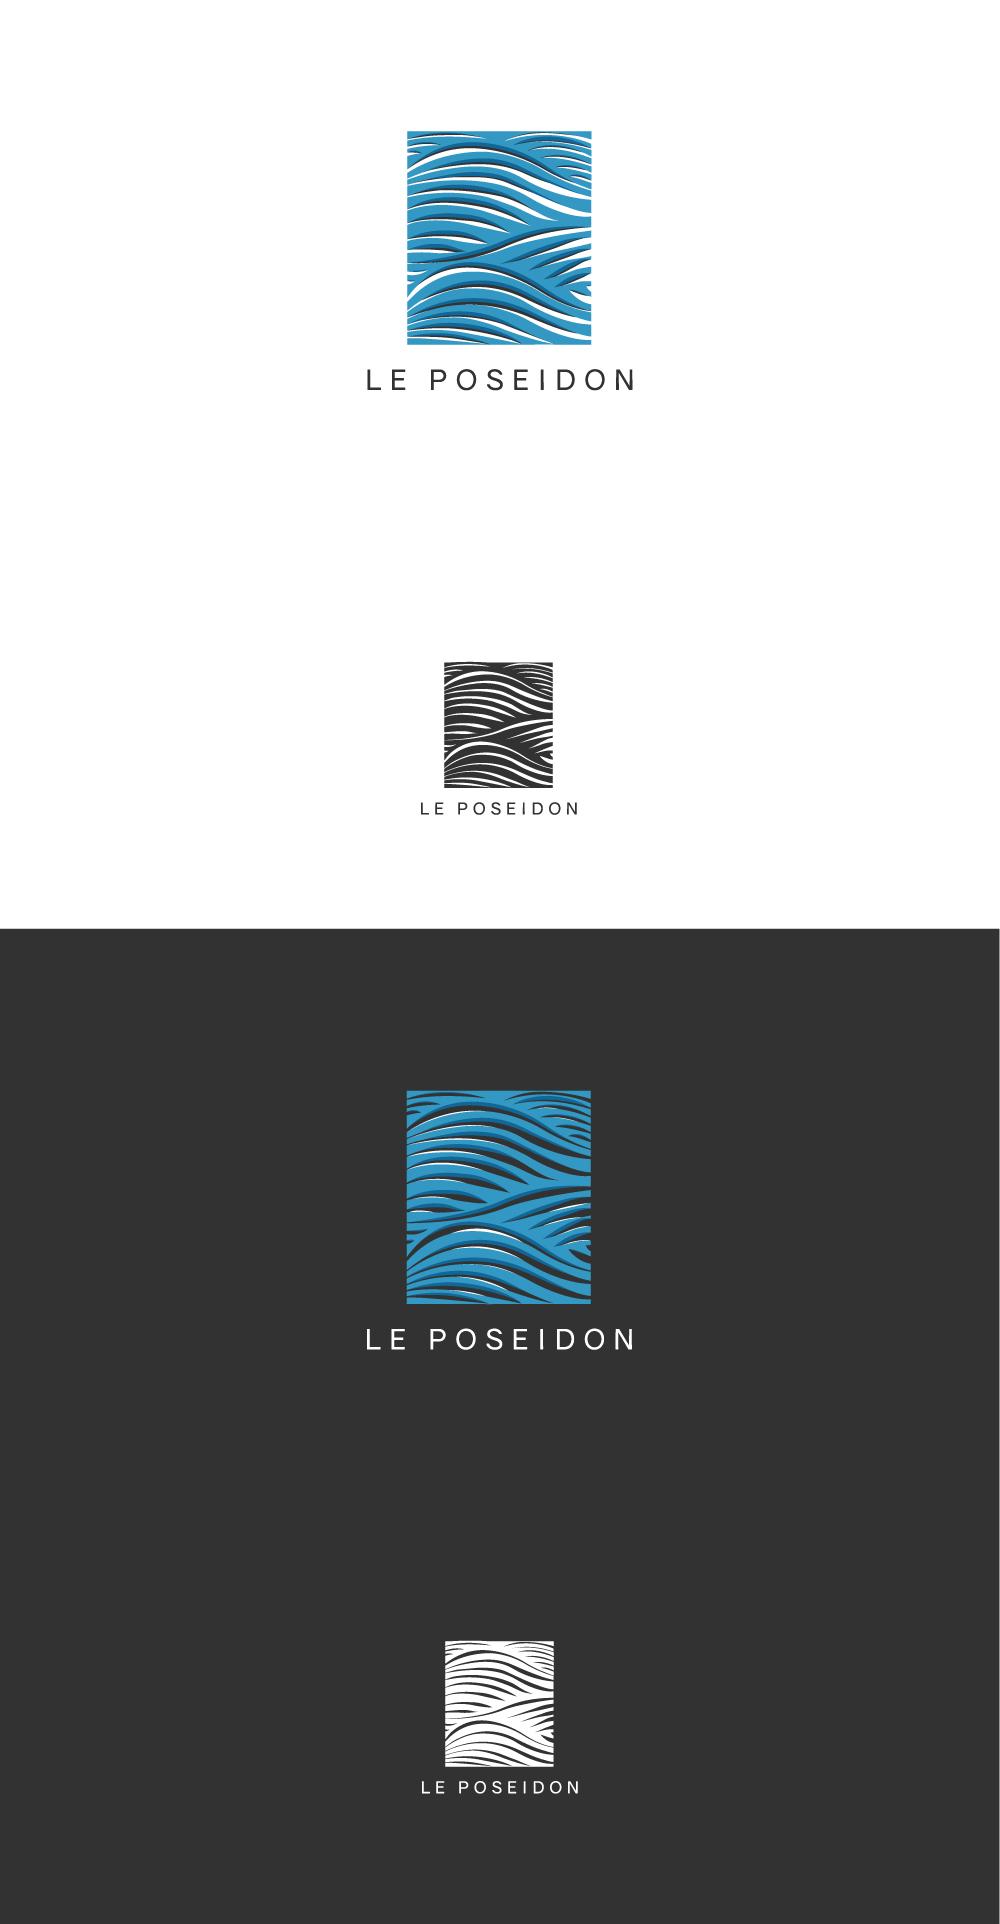 le poseidon, diana Petrarca logo, graphic design, illustration, grafica, Napoli, appartaments, graphic designer, illustratori, disegni, arte, azzurro, mare, wave, Sea onde